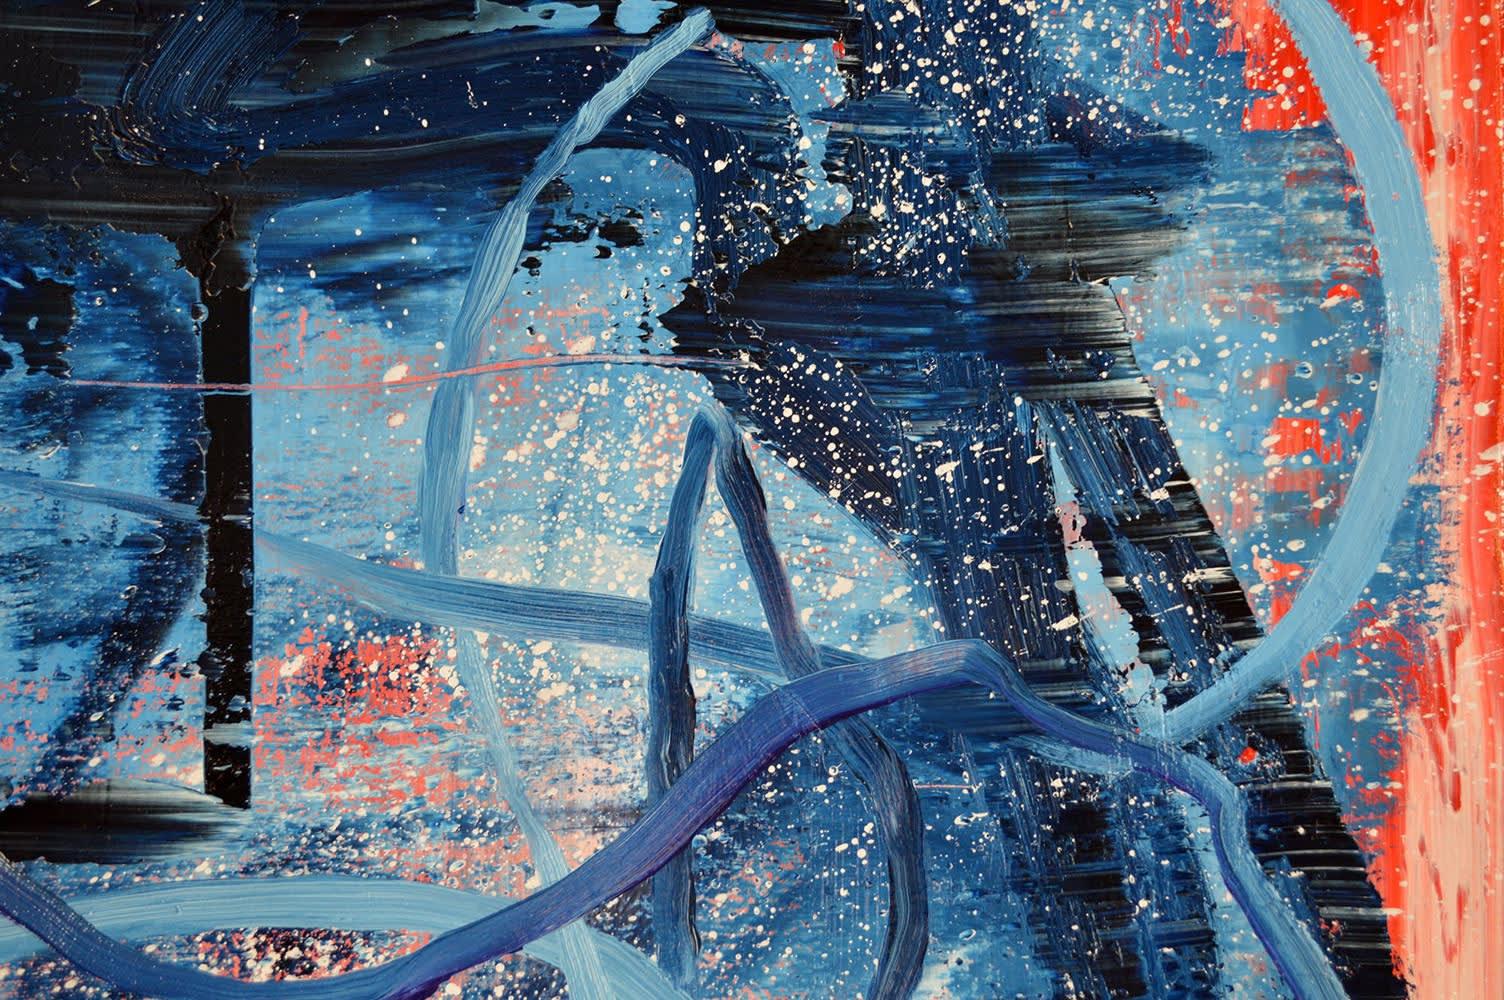 Abstract Painting. No.75. Close Up